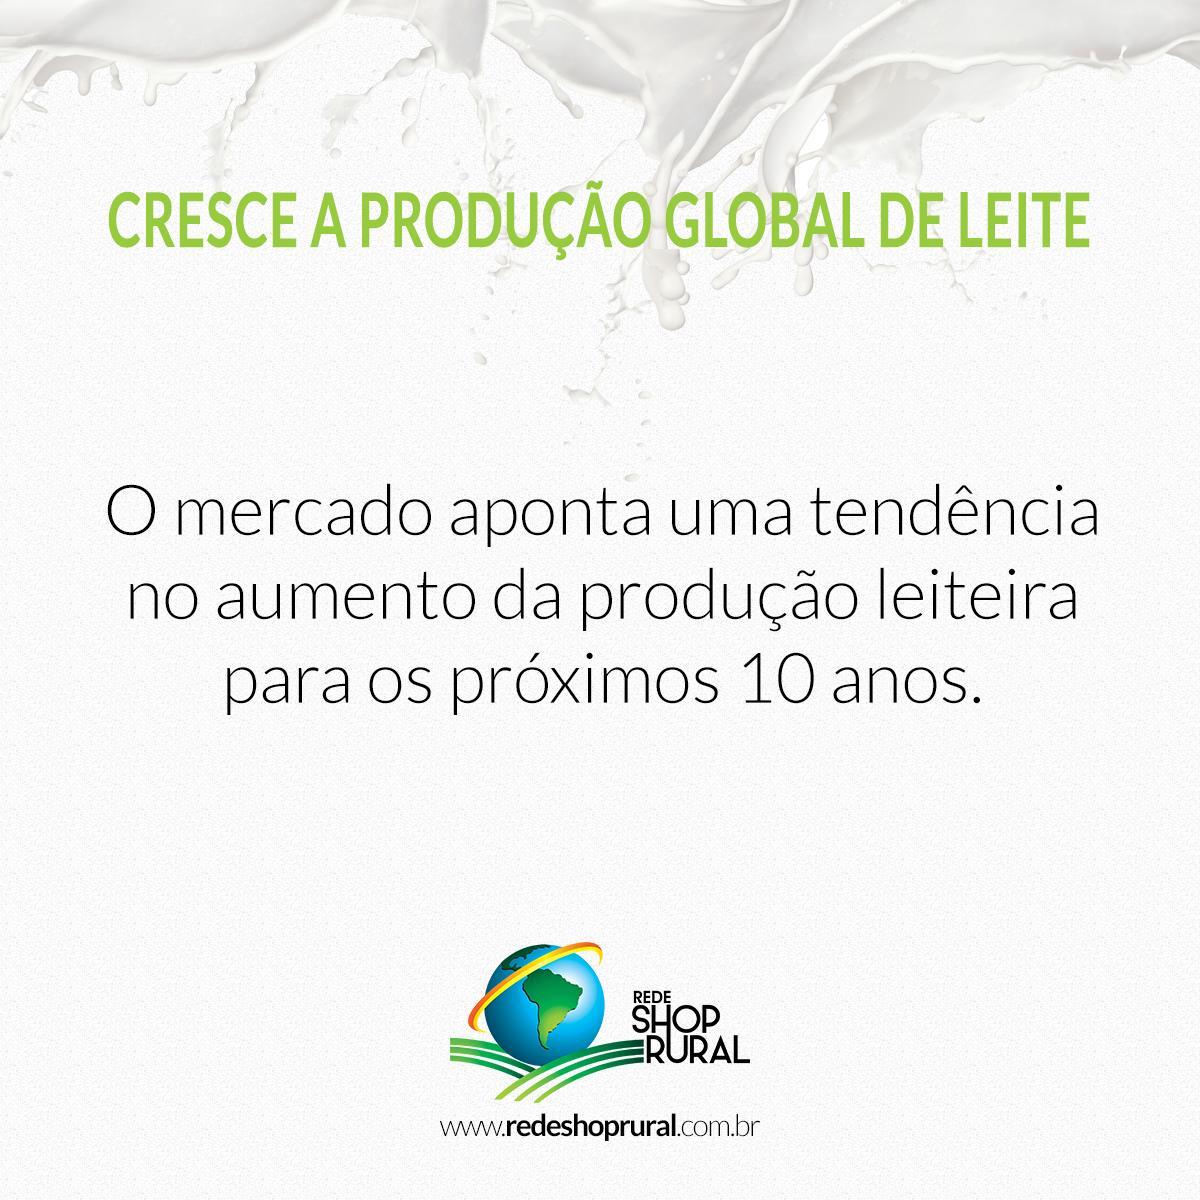 Cresce a produção global de leite